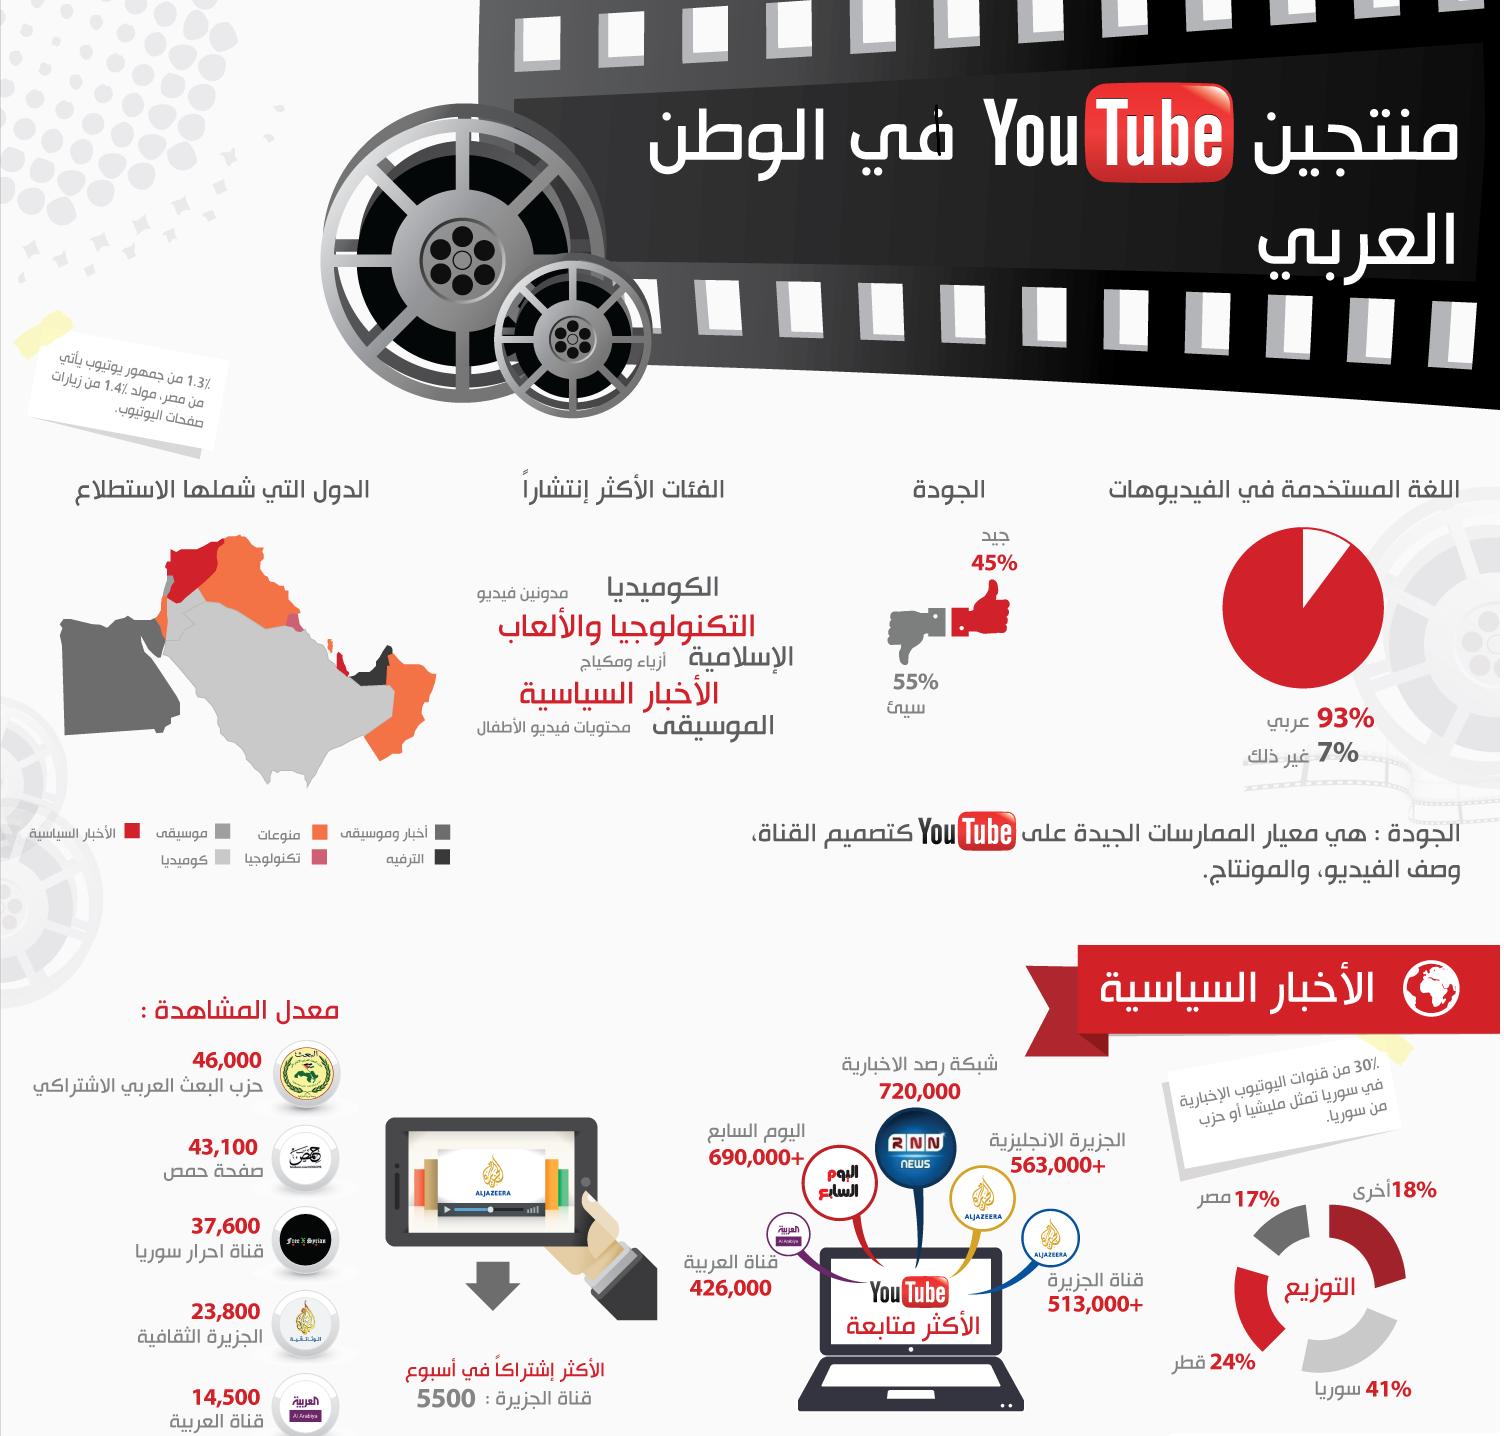 القنوات العربية الاخبار السياسية والترفيهية